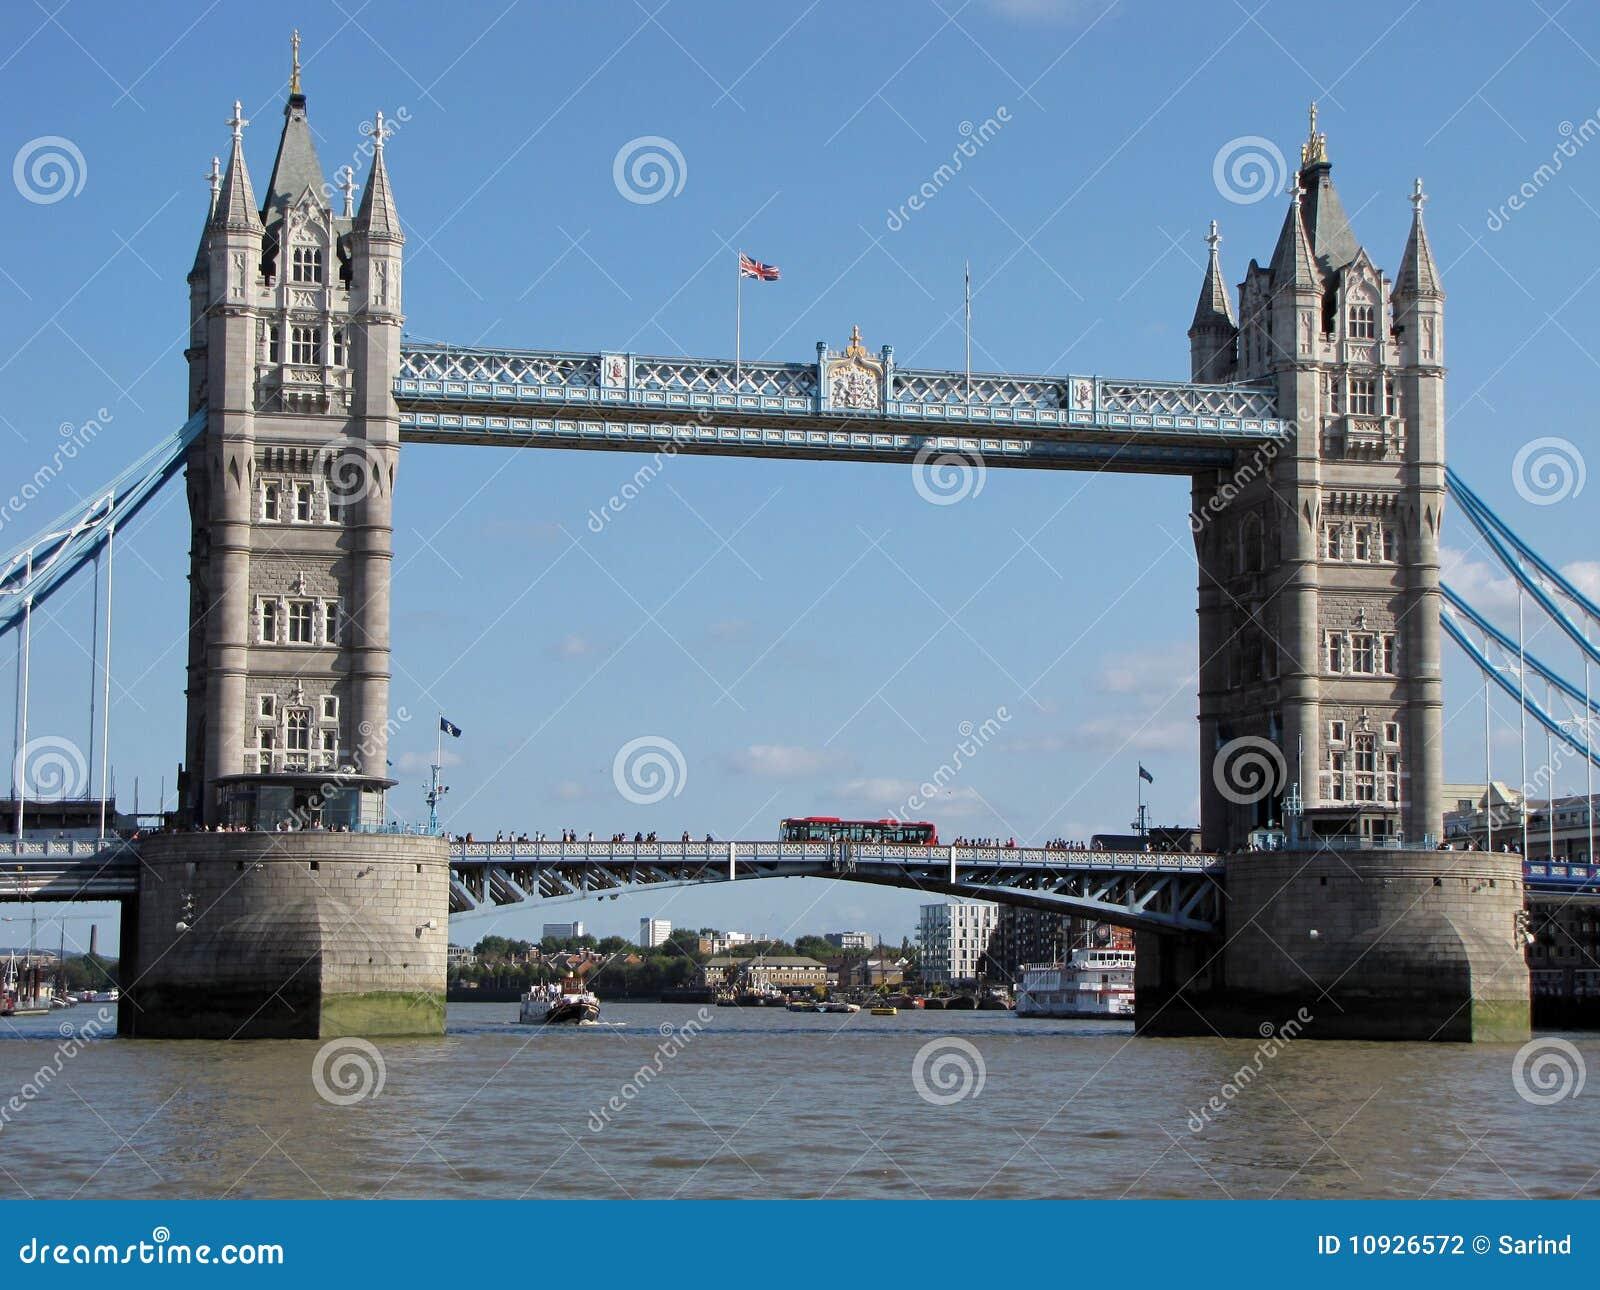 Puente de la torre con tráfico ocupado en y bajo él